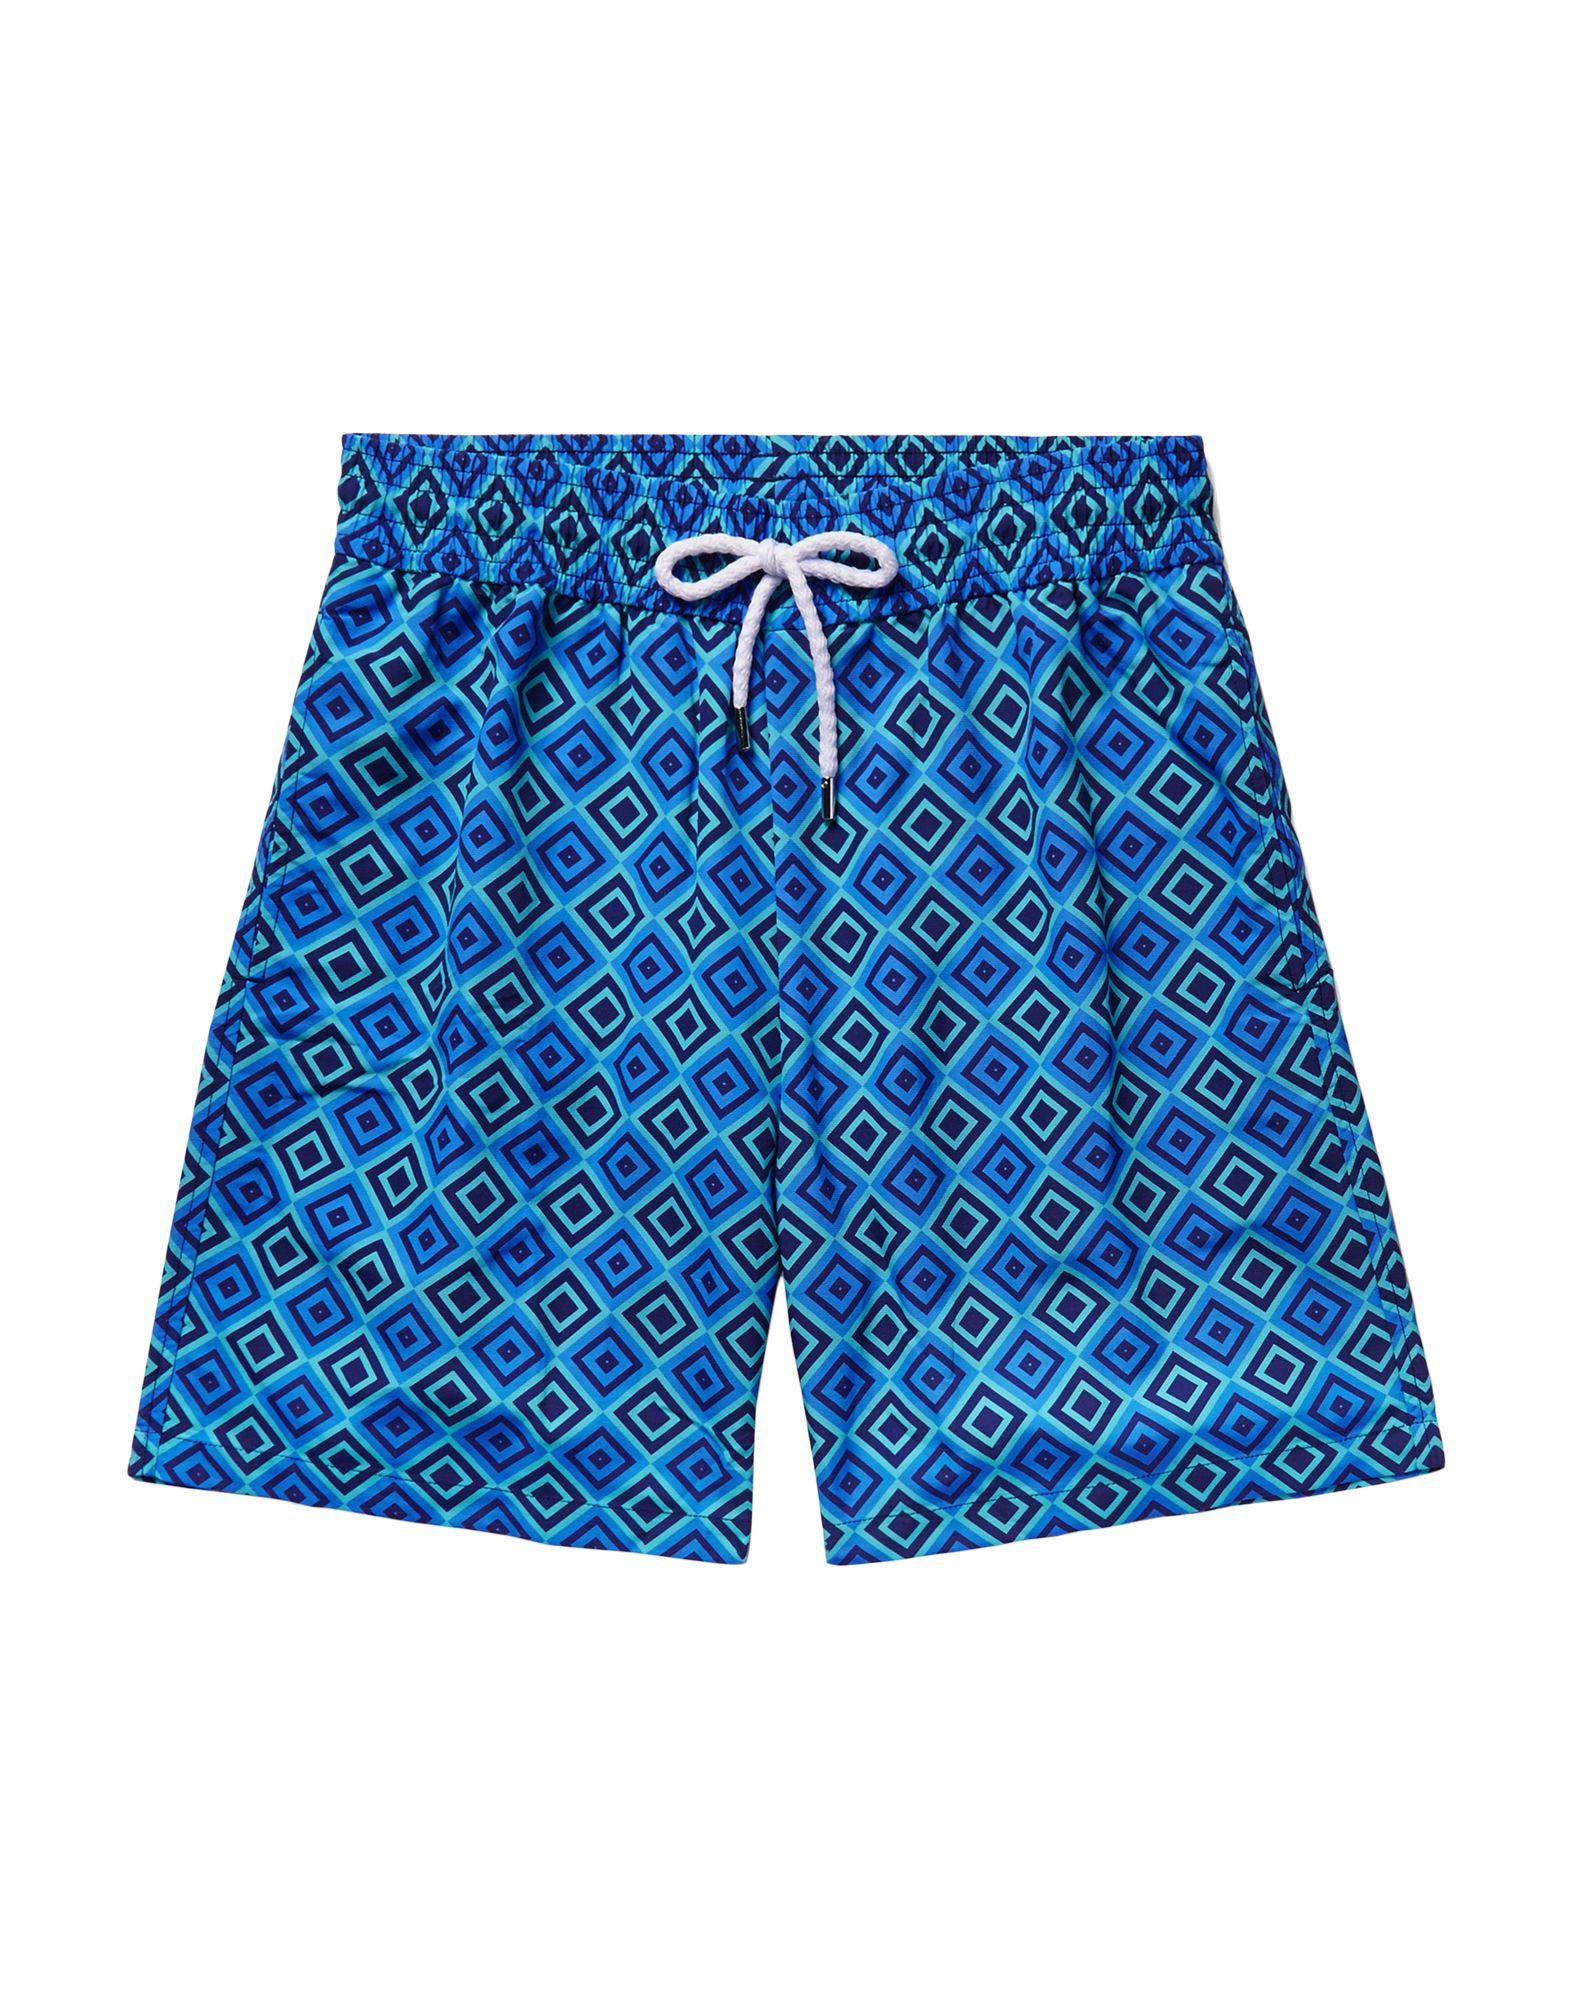 Фото - FRESCOBOL CARIOCA Шорты для плавания frescobol carioca шорты для плавания